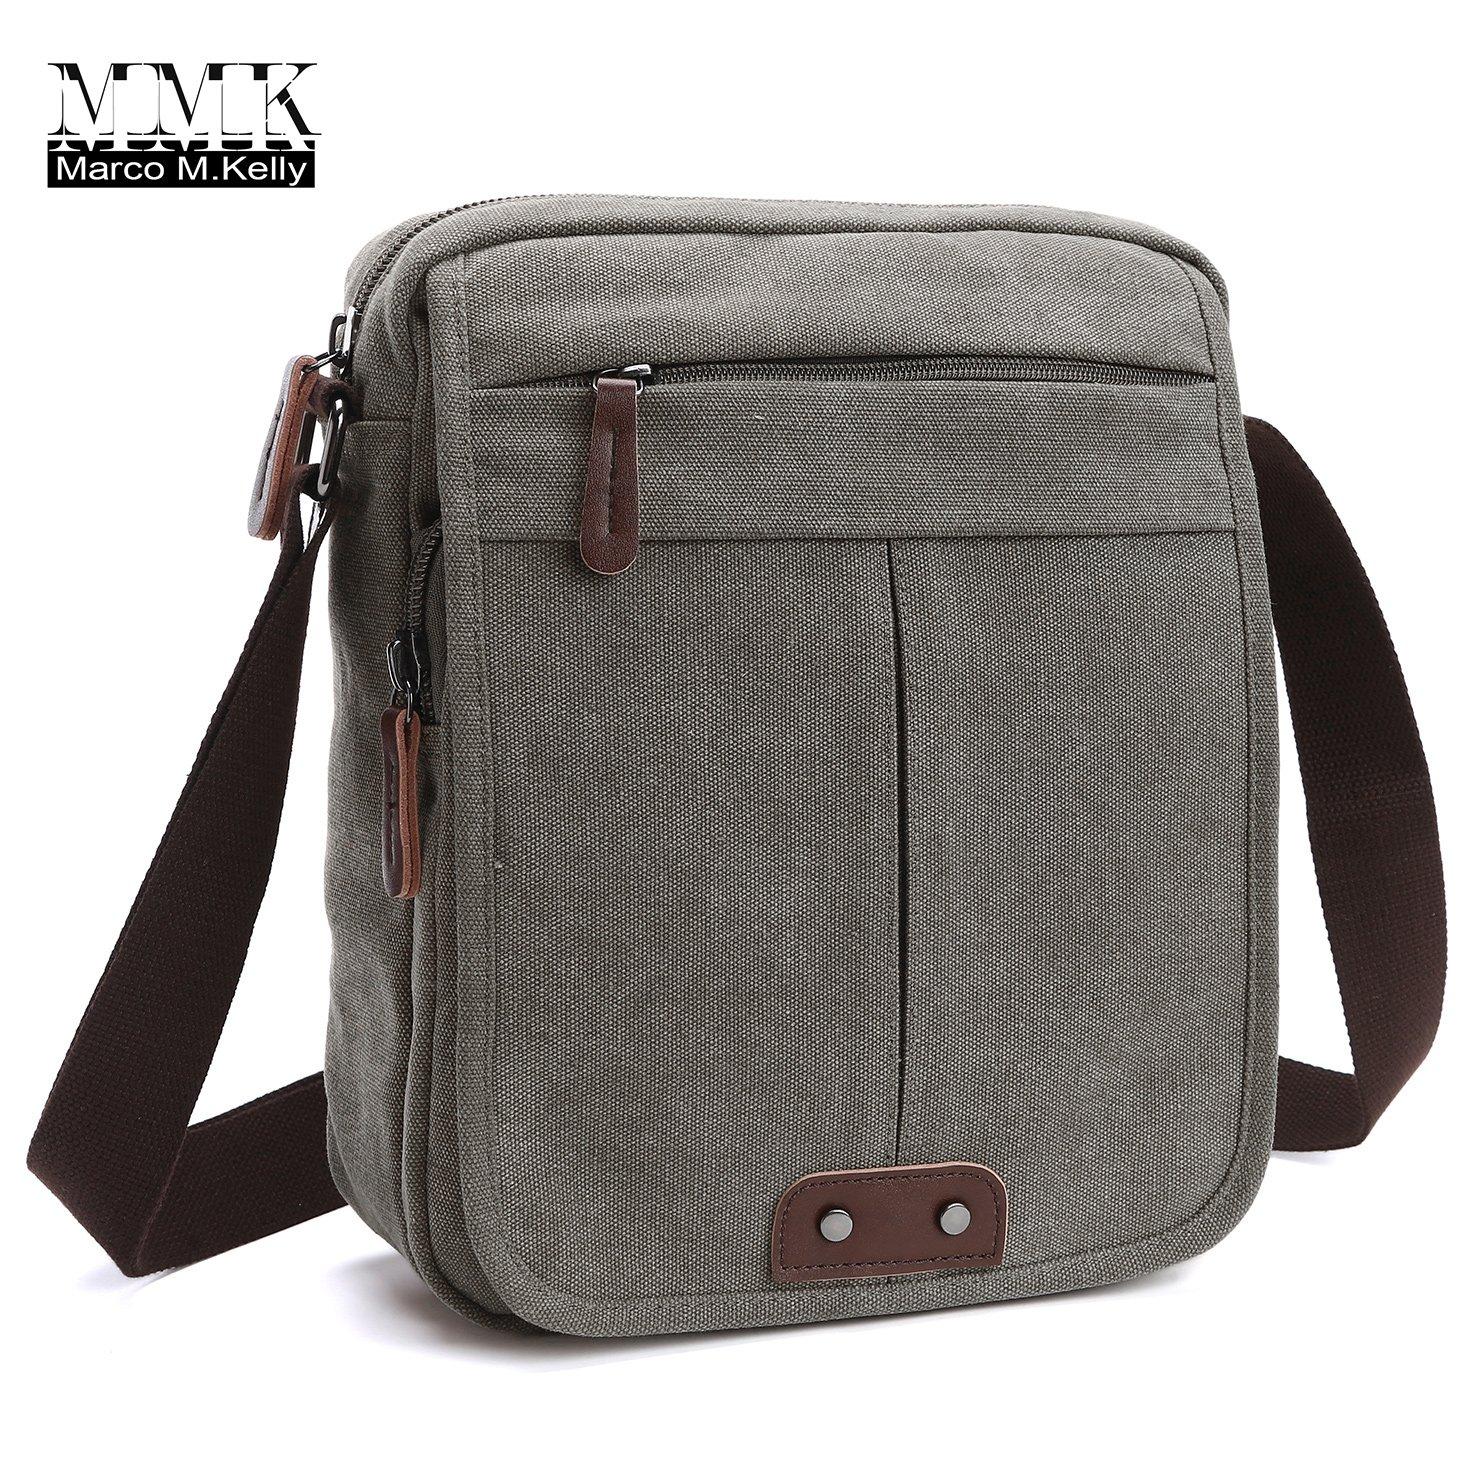 Canvas Leather Messenger Purse Shoulder Bag~Lightweight Crossbody Bag~Book bag ~Functional Multi Vintage Lightweight Casual Shoulder Bag Travel Organizer Bag Multi-pocket Working Bag 1988 Marco M.Kelly